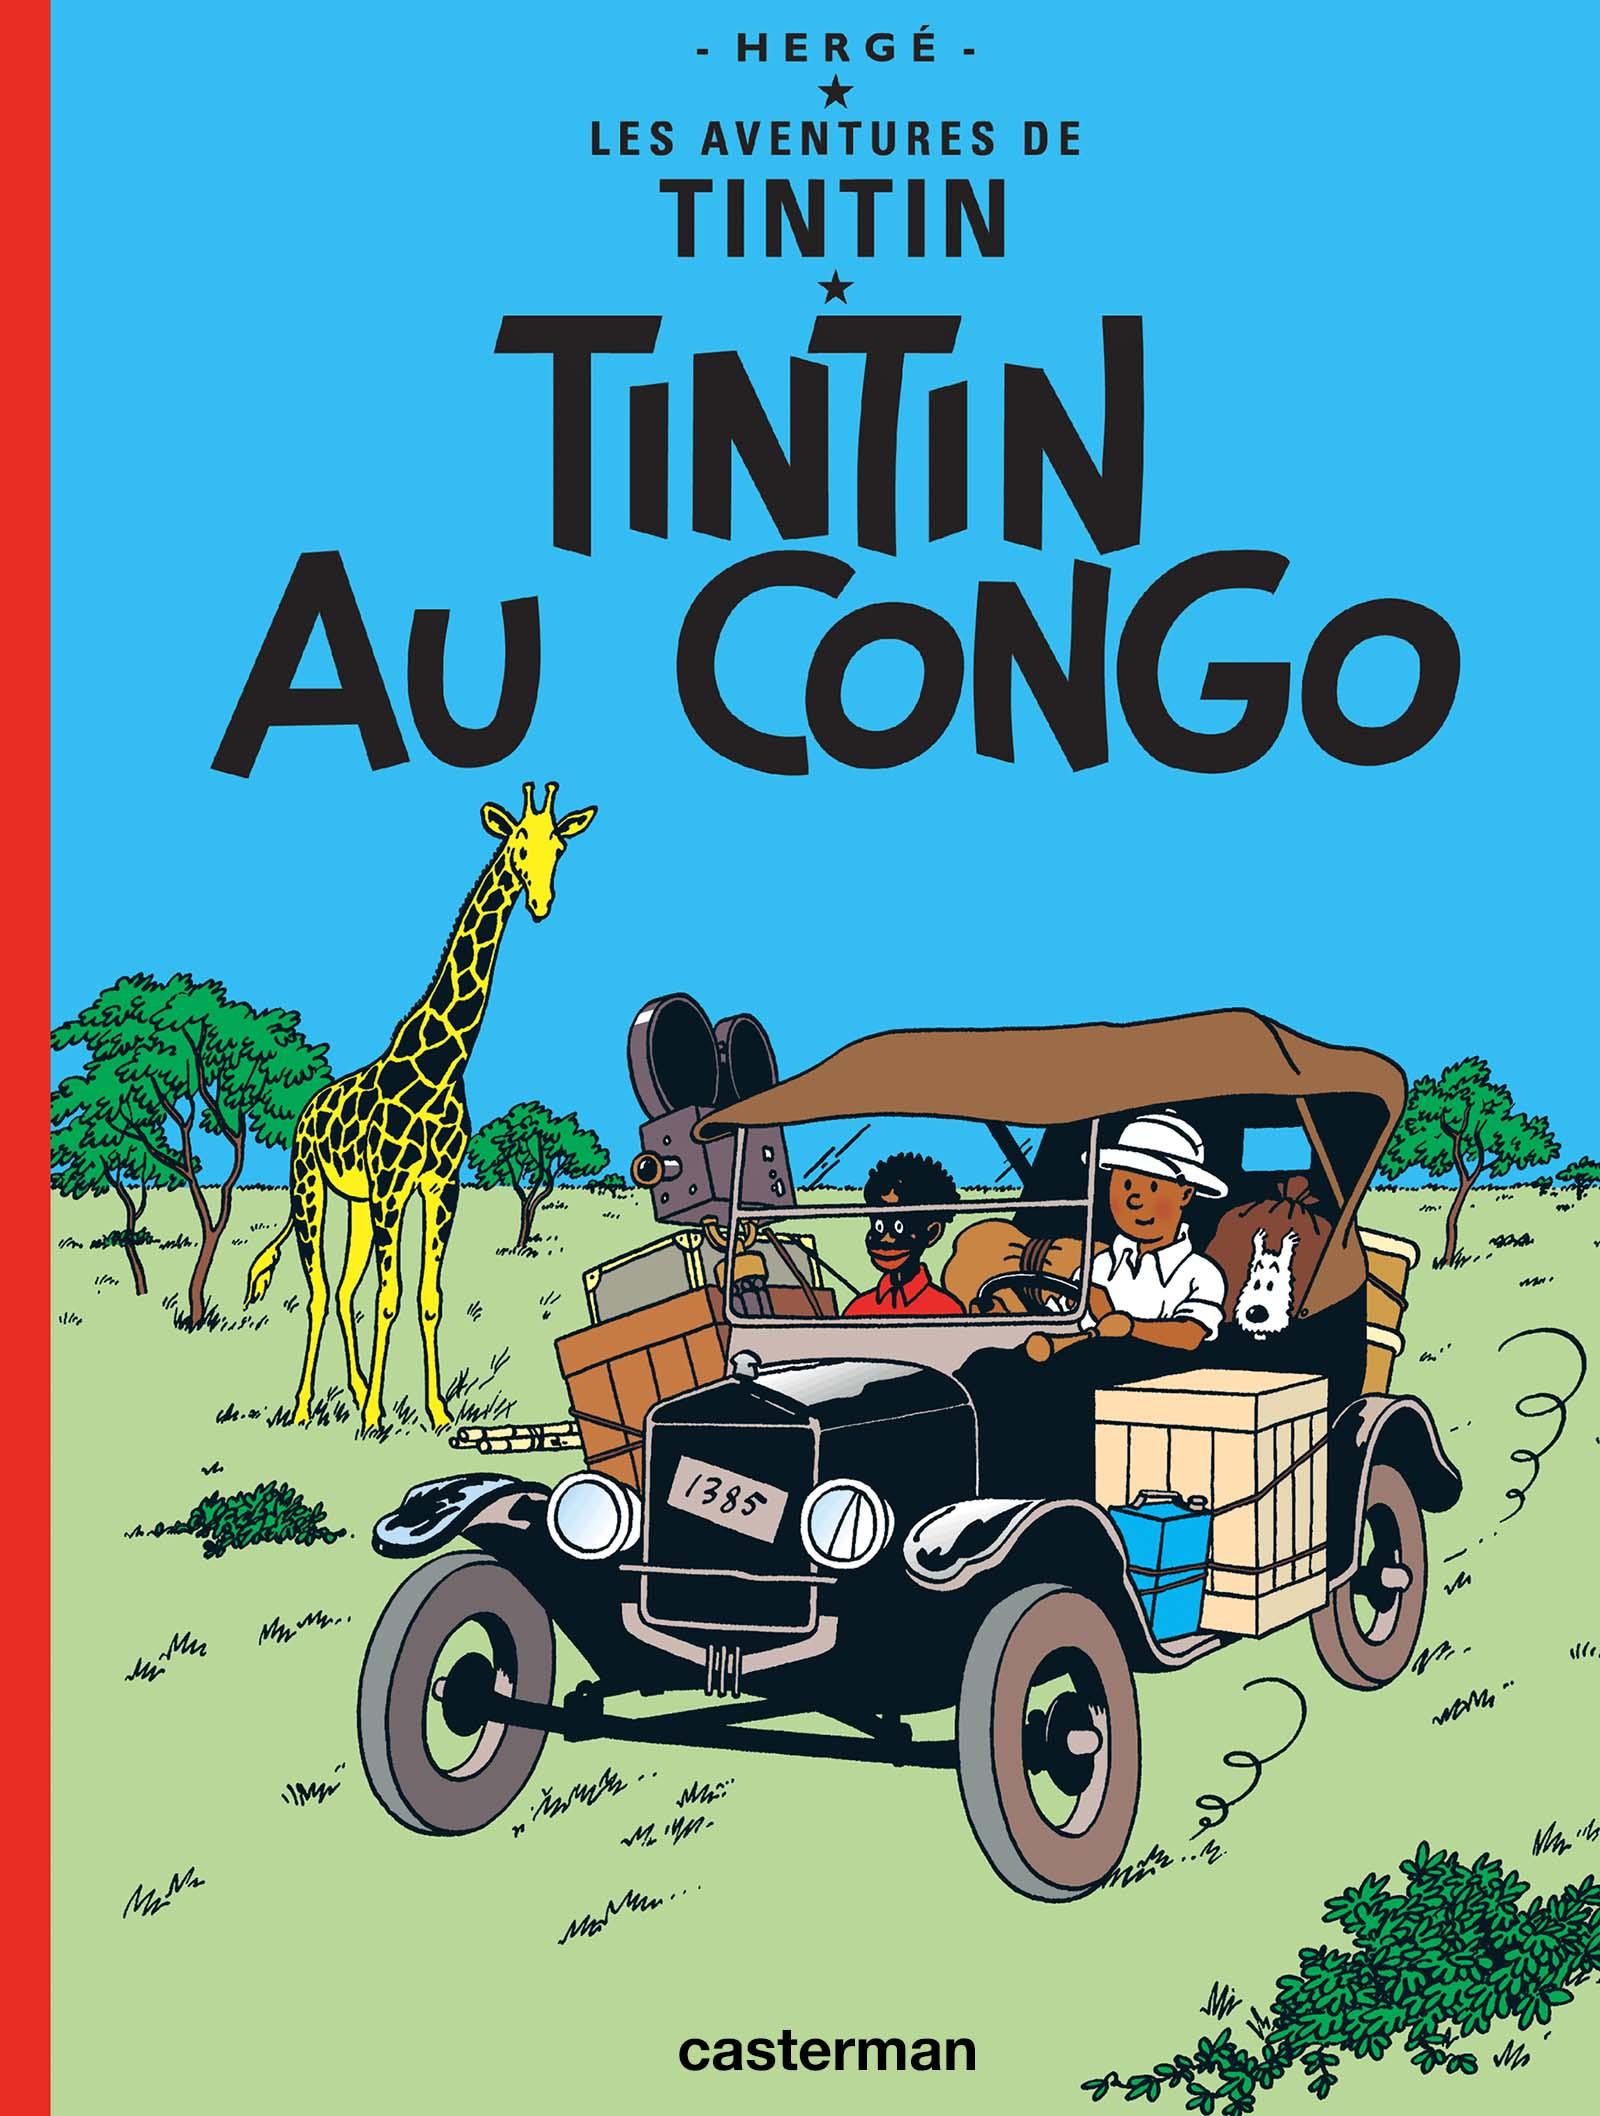 Couverture de l'album Tintin au Congo par Hergé